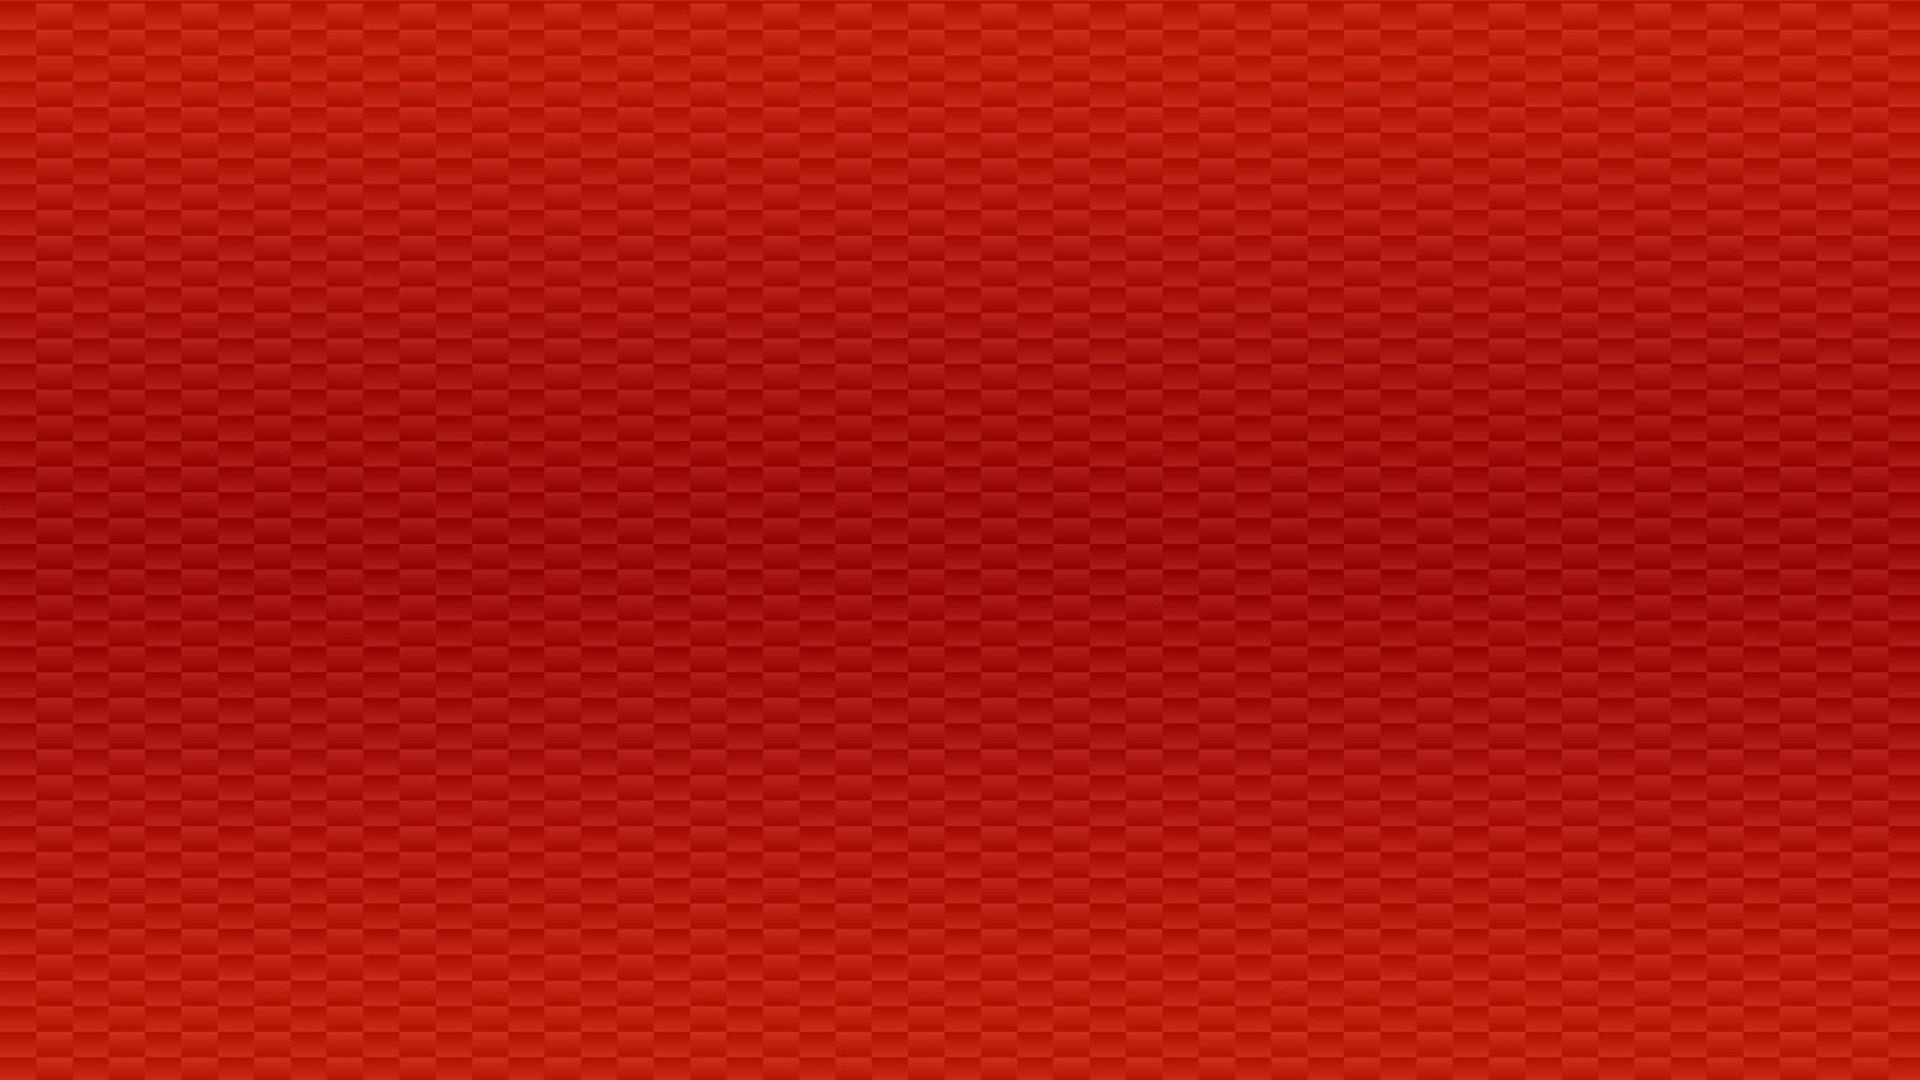 carbon-fiber-red